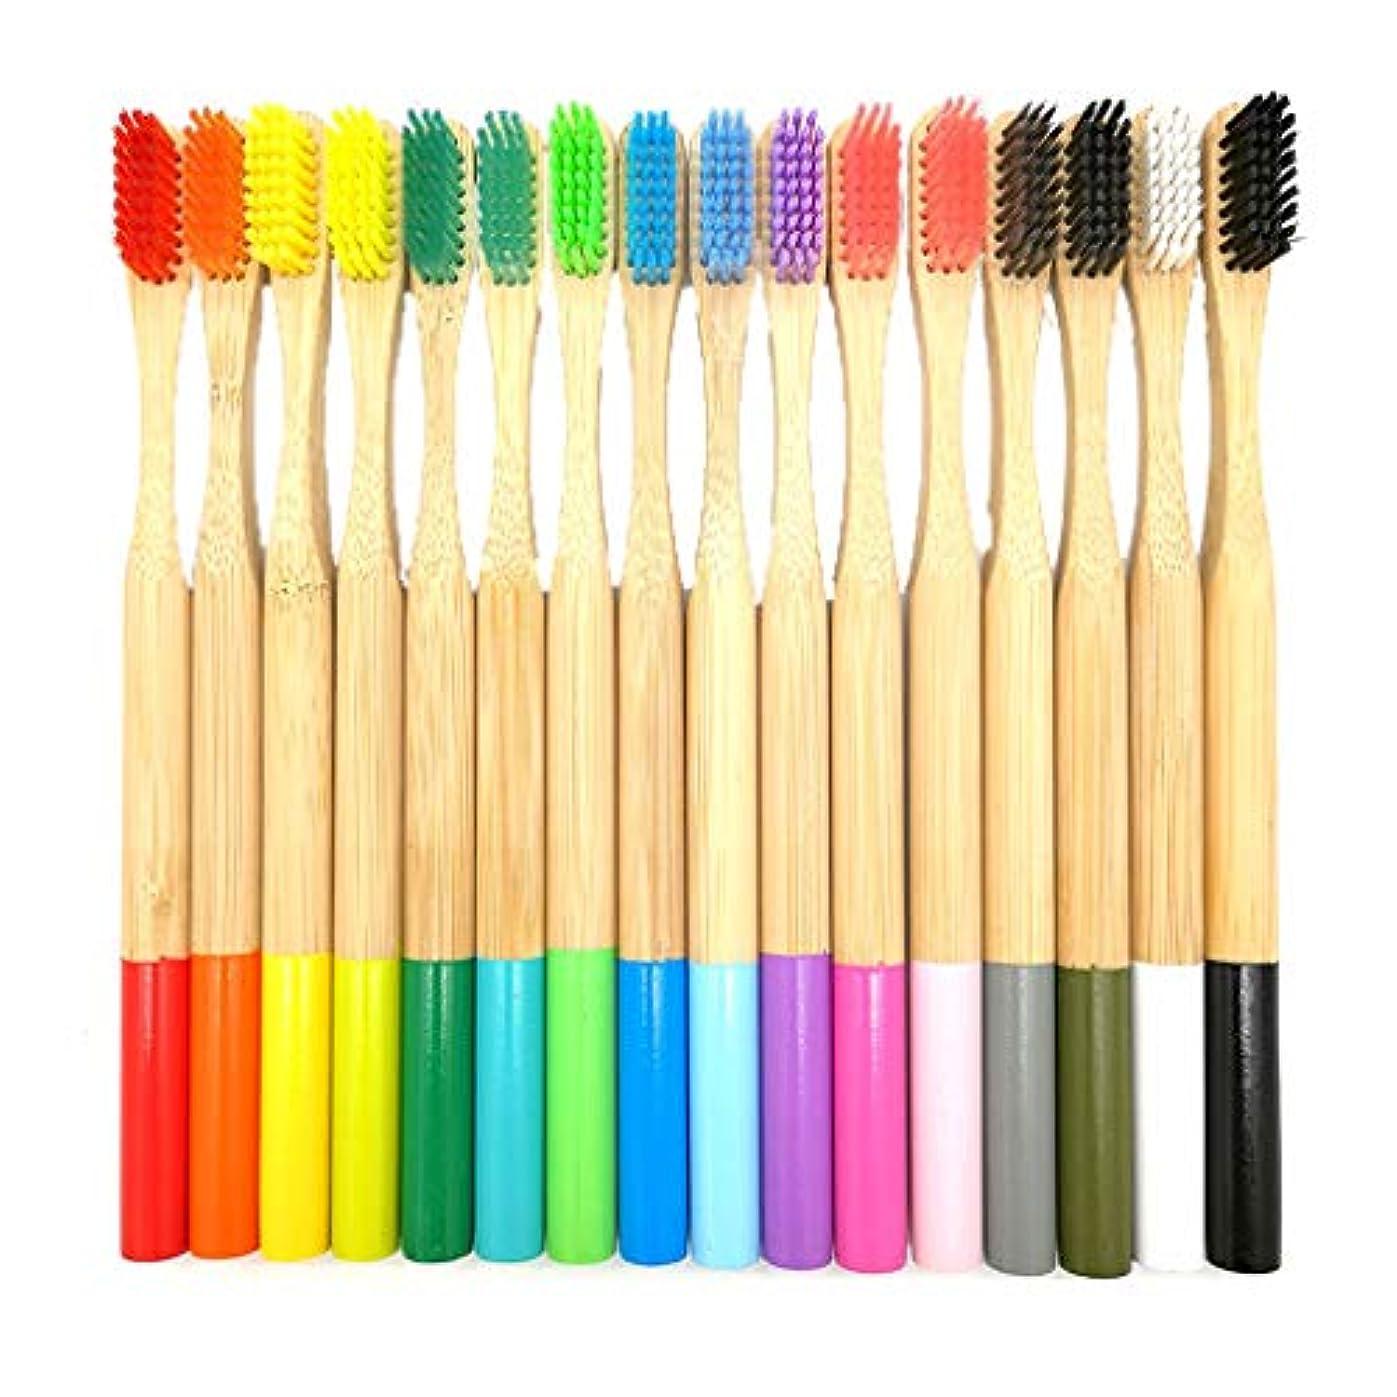 ミサイルツインリゾートLazayyii 成人 竹製の歯ブラシ オーラルケア 竹繊維 やわらかい歯ブラシ 人気16本 (マルチカラー)